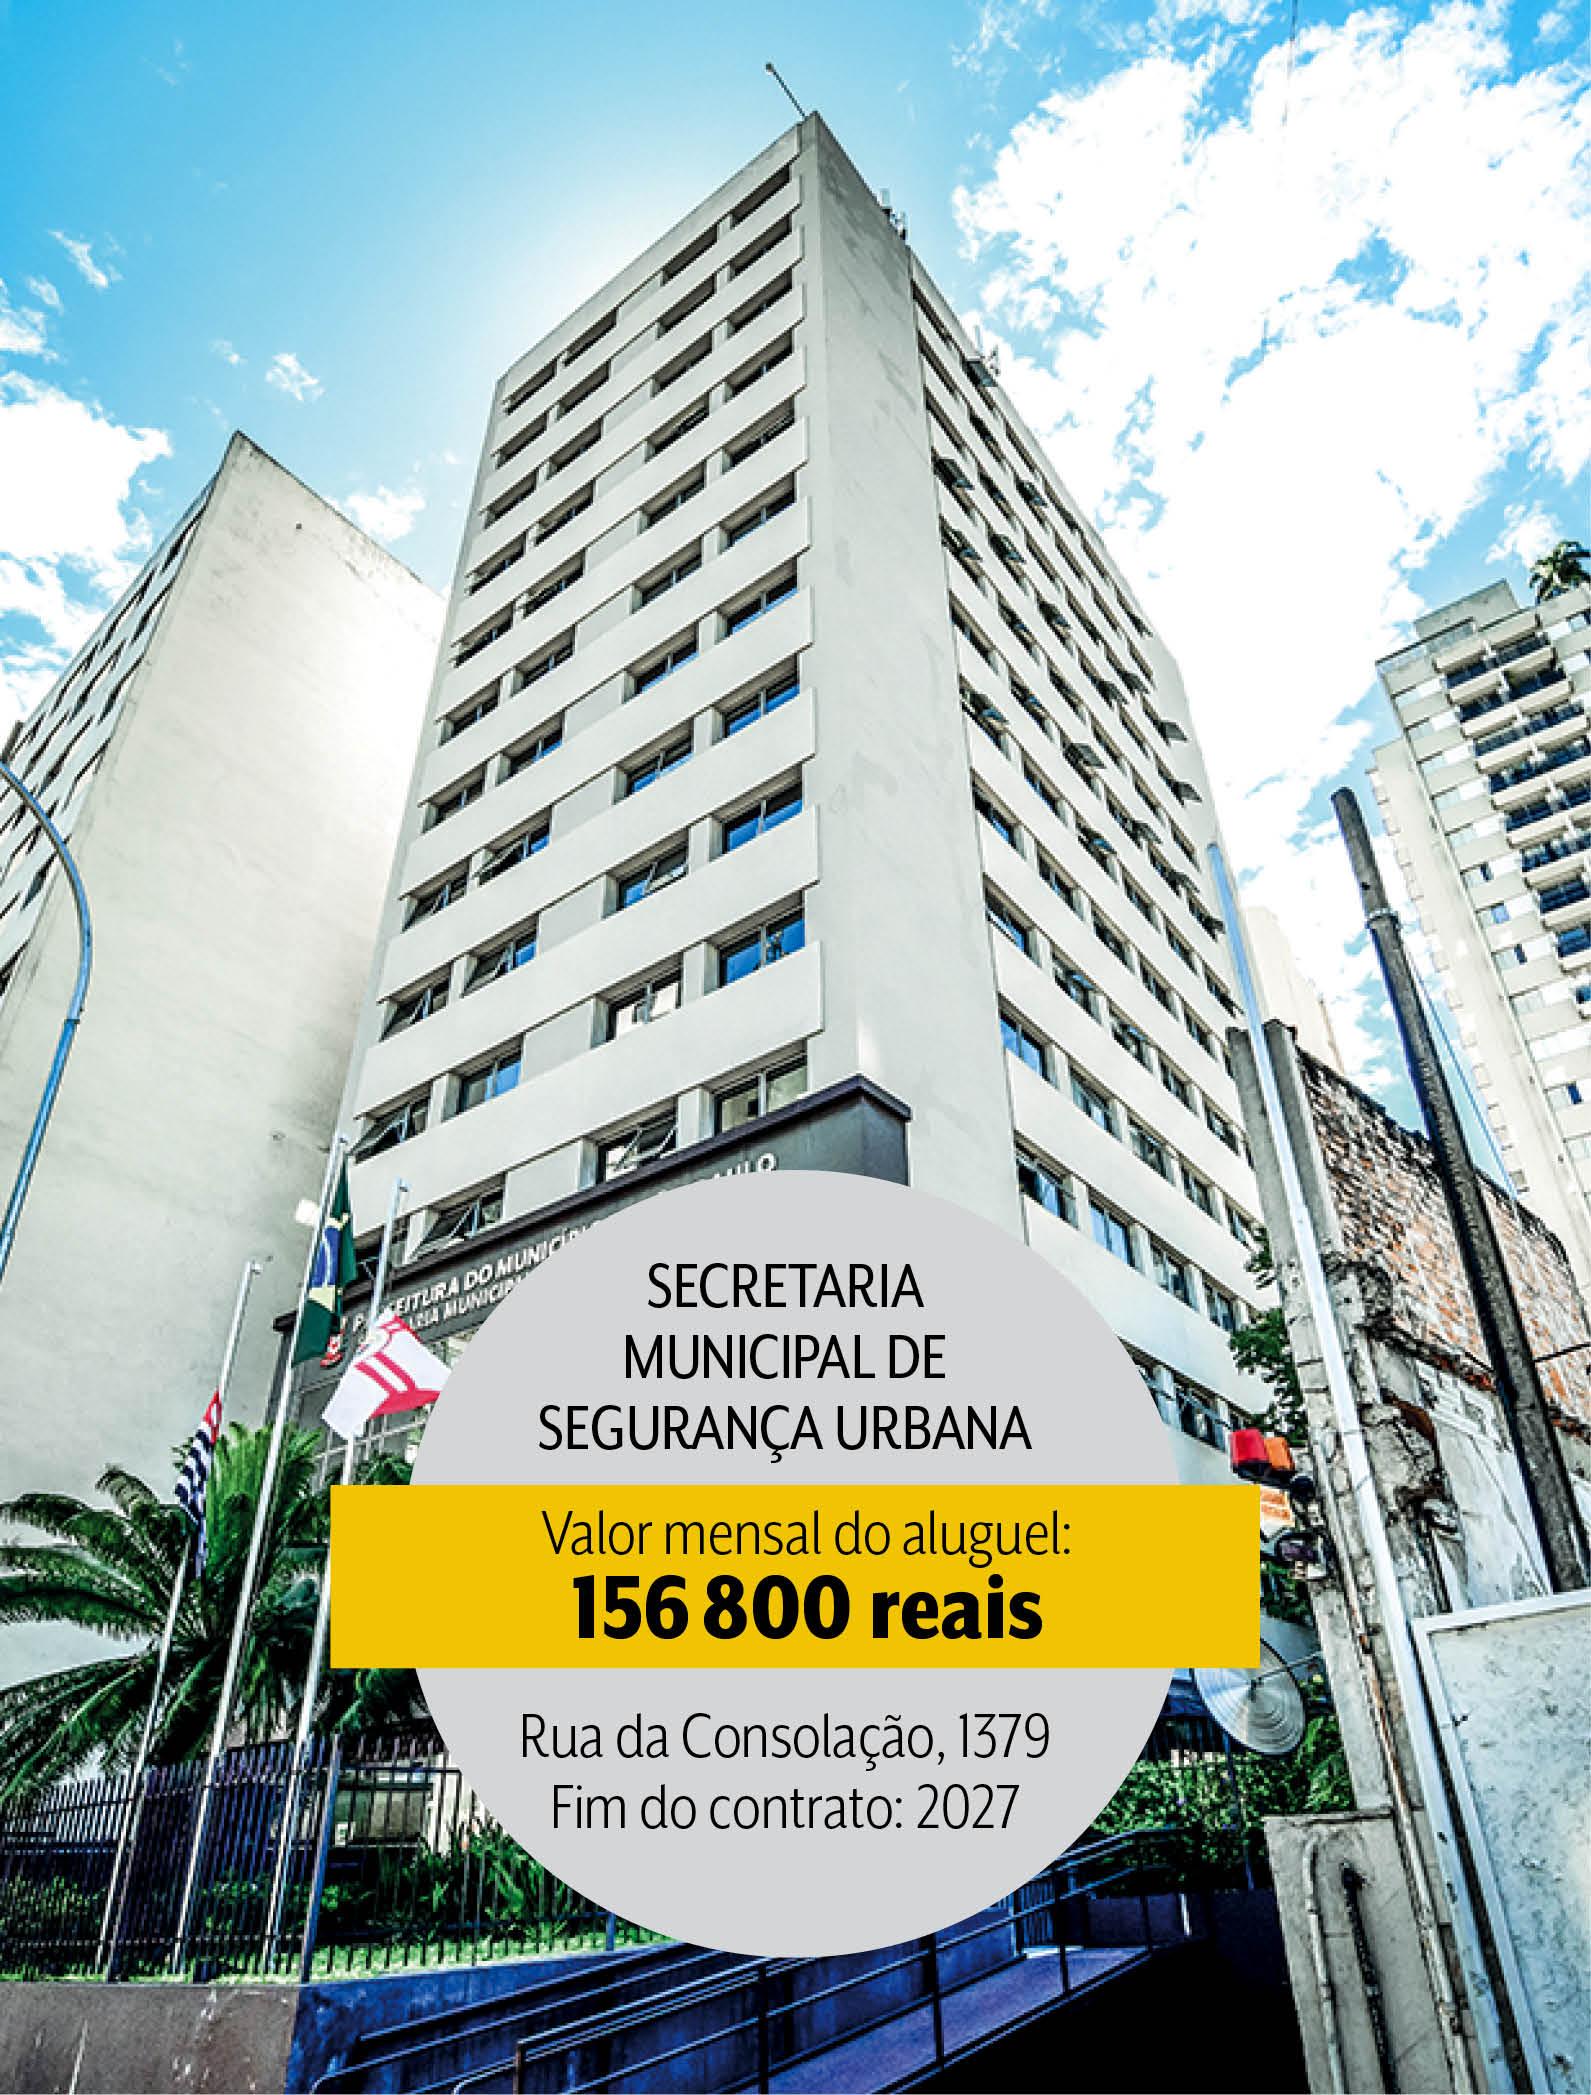 Secretaria Municipal de Segurança Urbana: contrato de aluguel até 2027